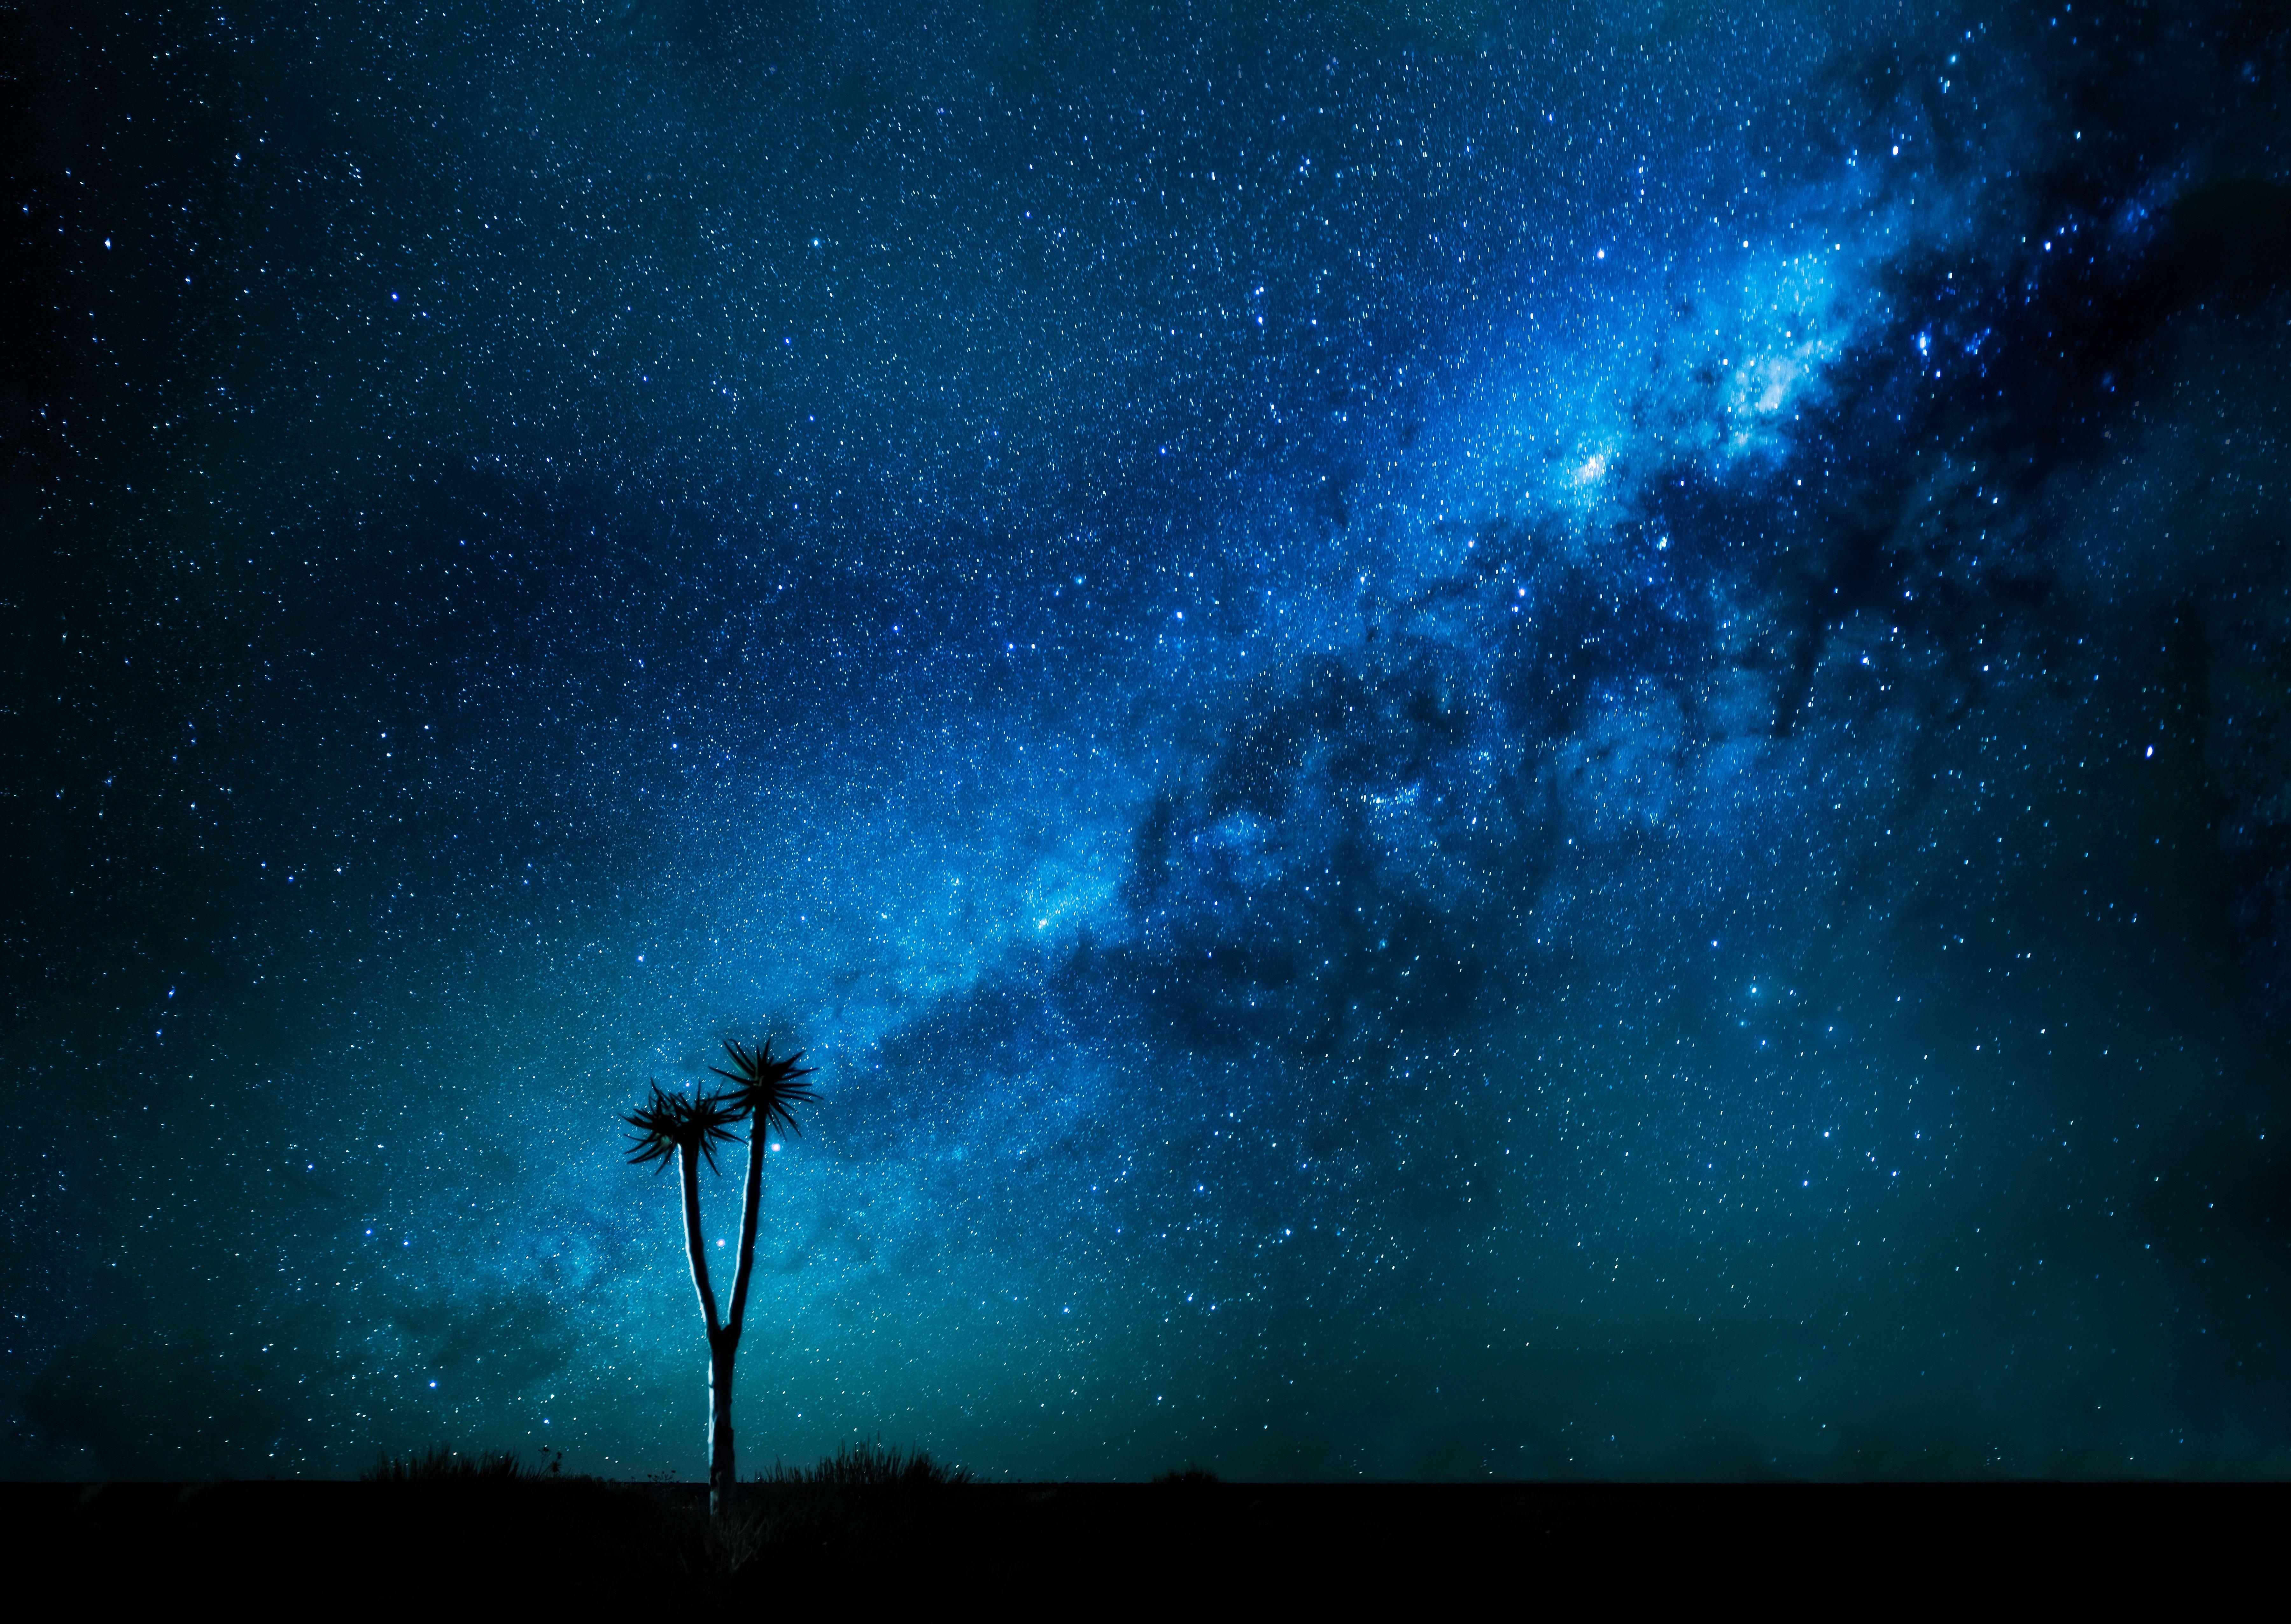 Milkyway 8k, HD Digital Universe, 4k Wallpapers, Images